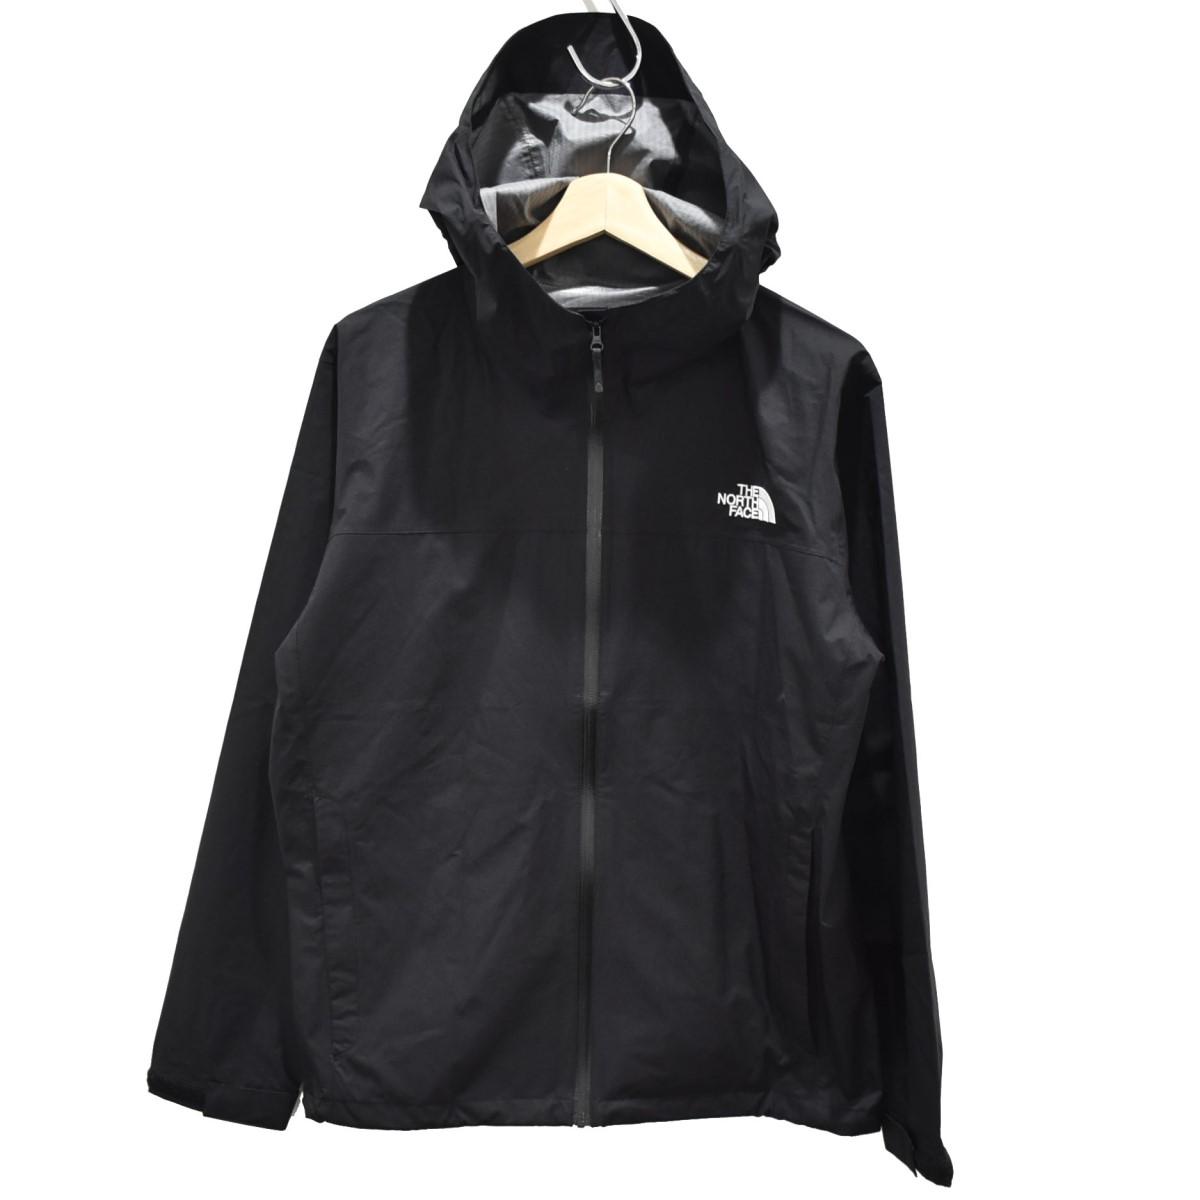 【中古】THE NORTH FACE NP11536 20SS Venture Jacket ベンチャージャケット ブラック サイズ:M 【020920】(ザノースフェイス)